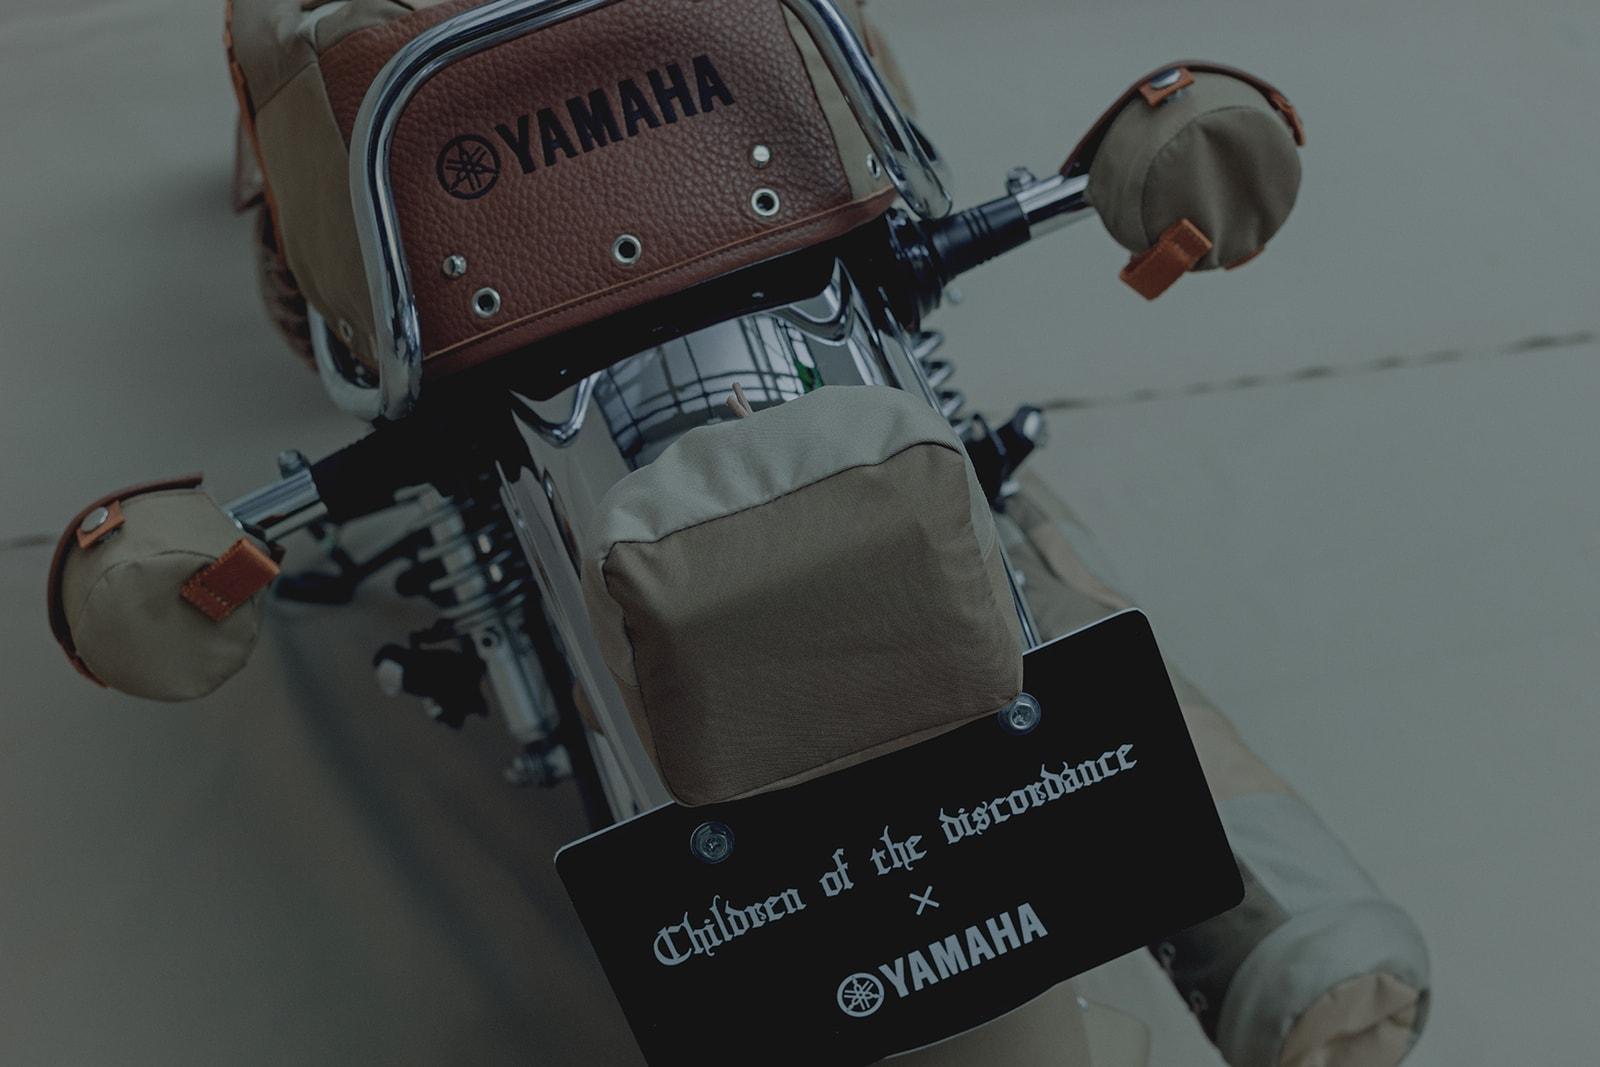 チルドレン オブ ザ ディスコーダンス Children of the discordance  デザイナー志鎌英明 ヤマハ発動機 コラボオートバイ